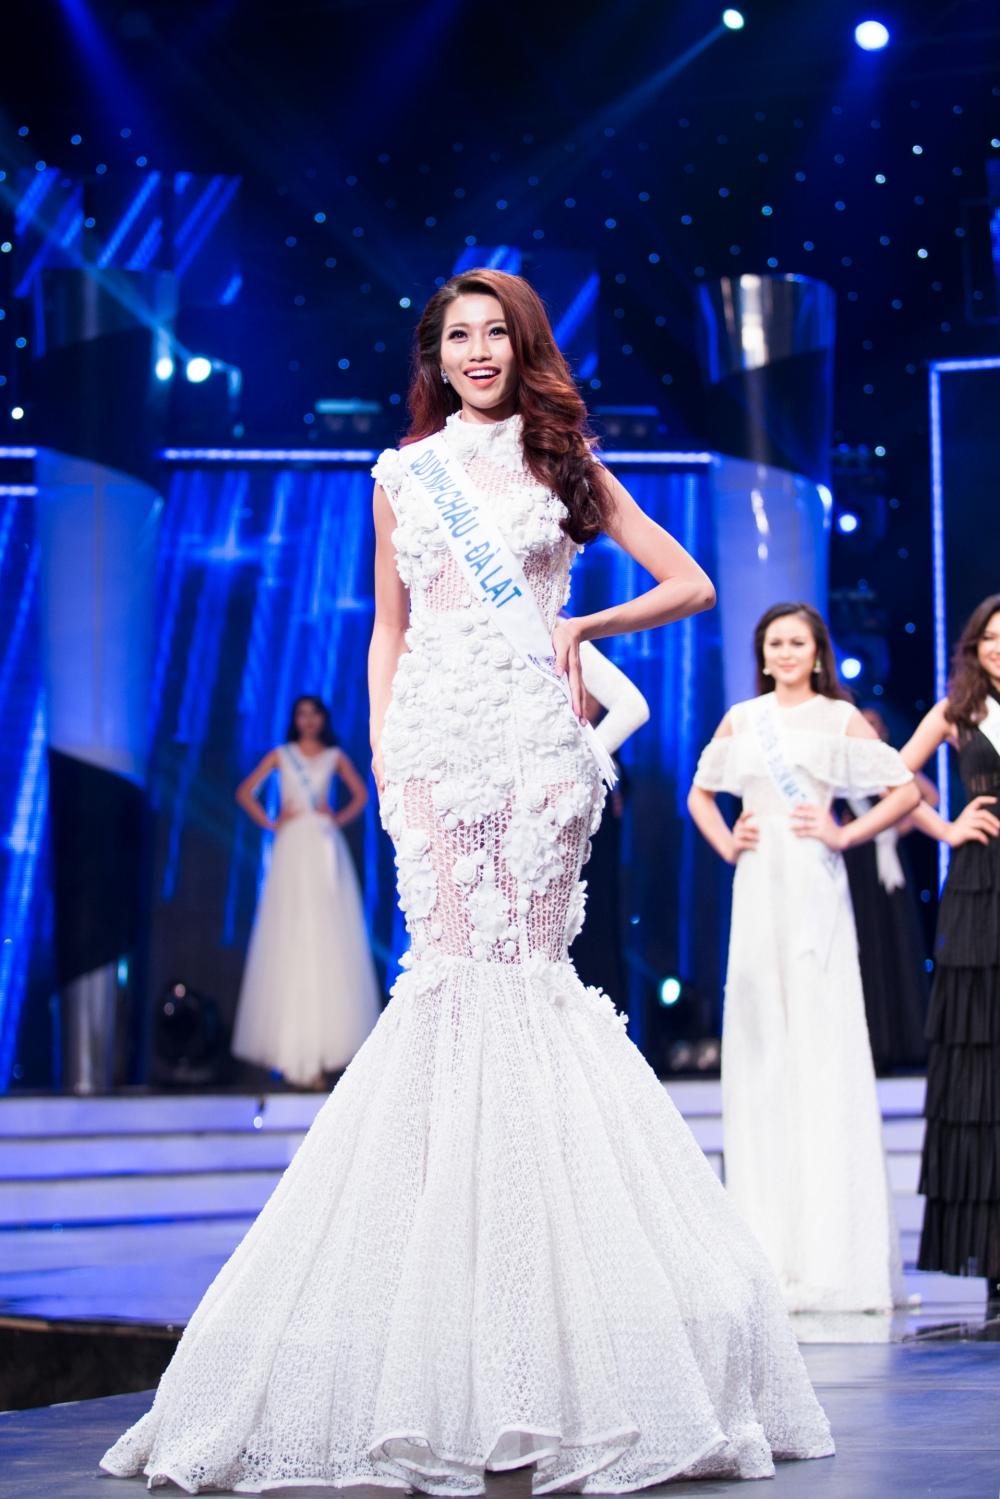 Quỳnh Châu được quan tâm hàng đầu tại 'Hoa khôi Áo dài' 4